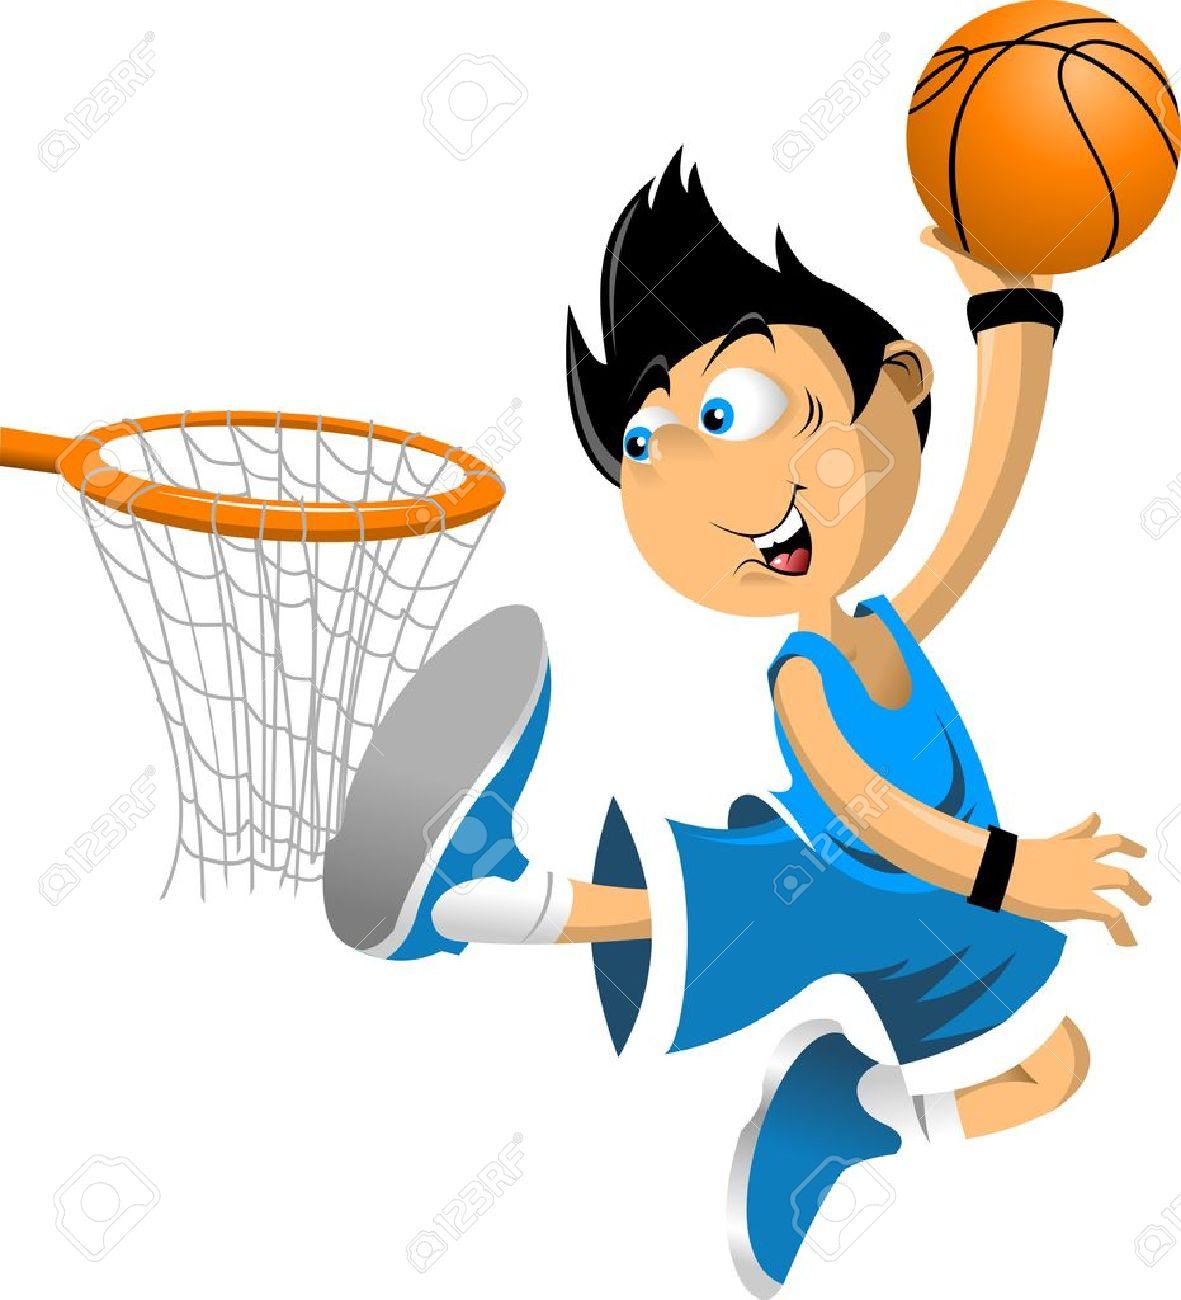 Image result for kids clip art basketball boy